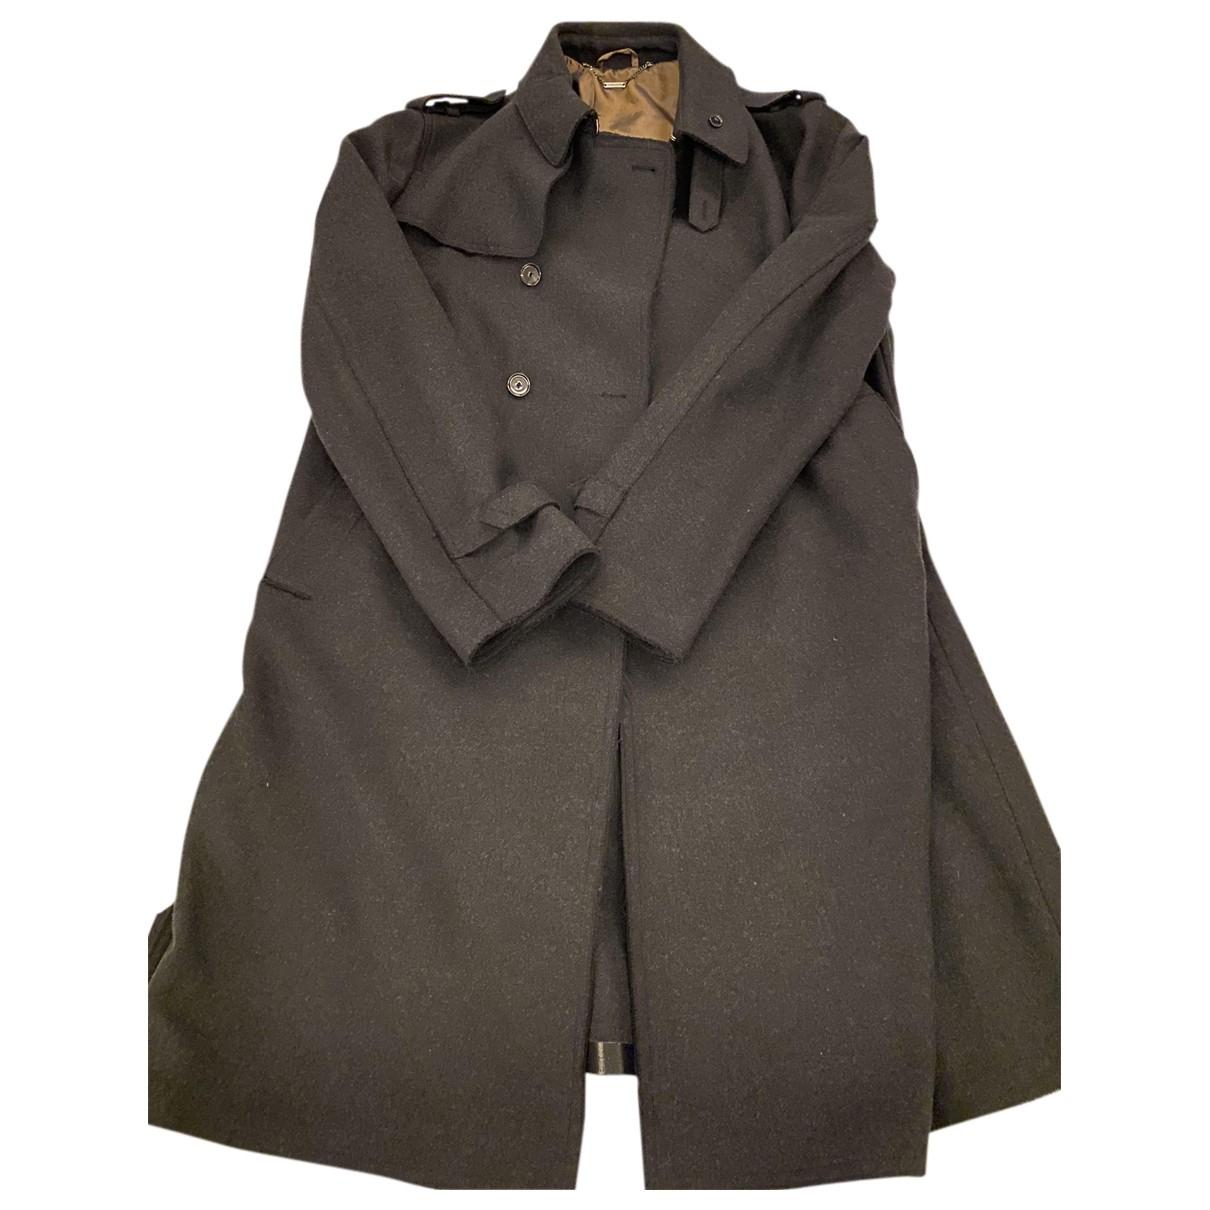 Costume National - Manteau   pour homme en laine - anthracite